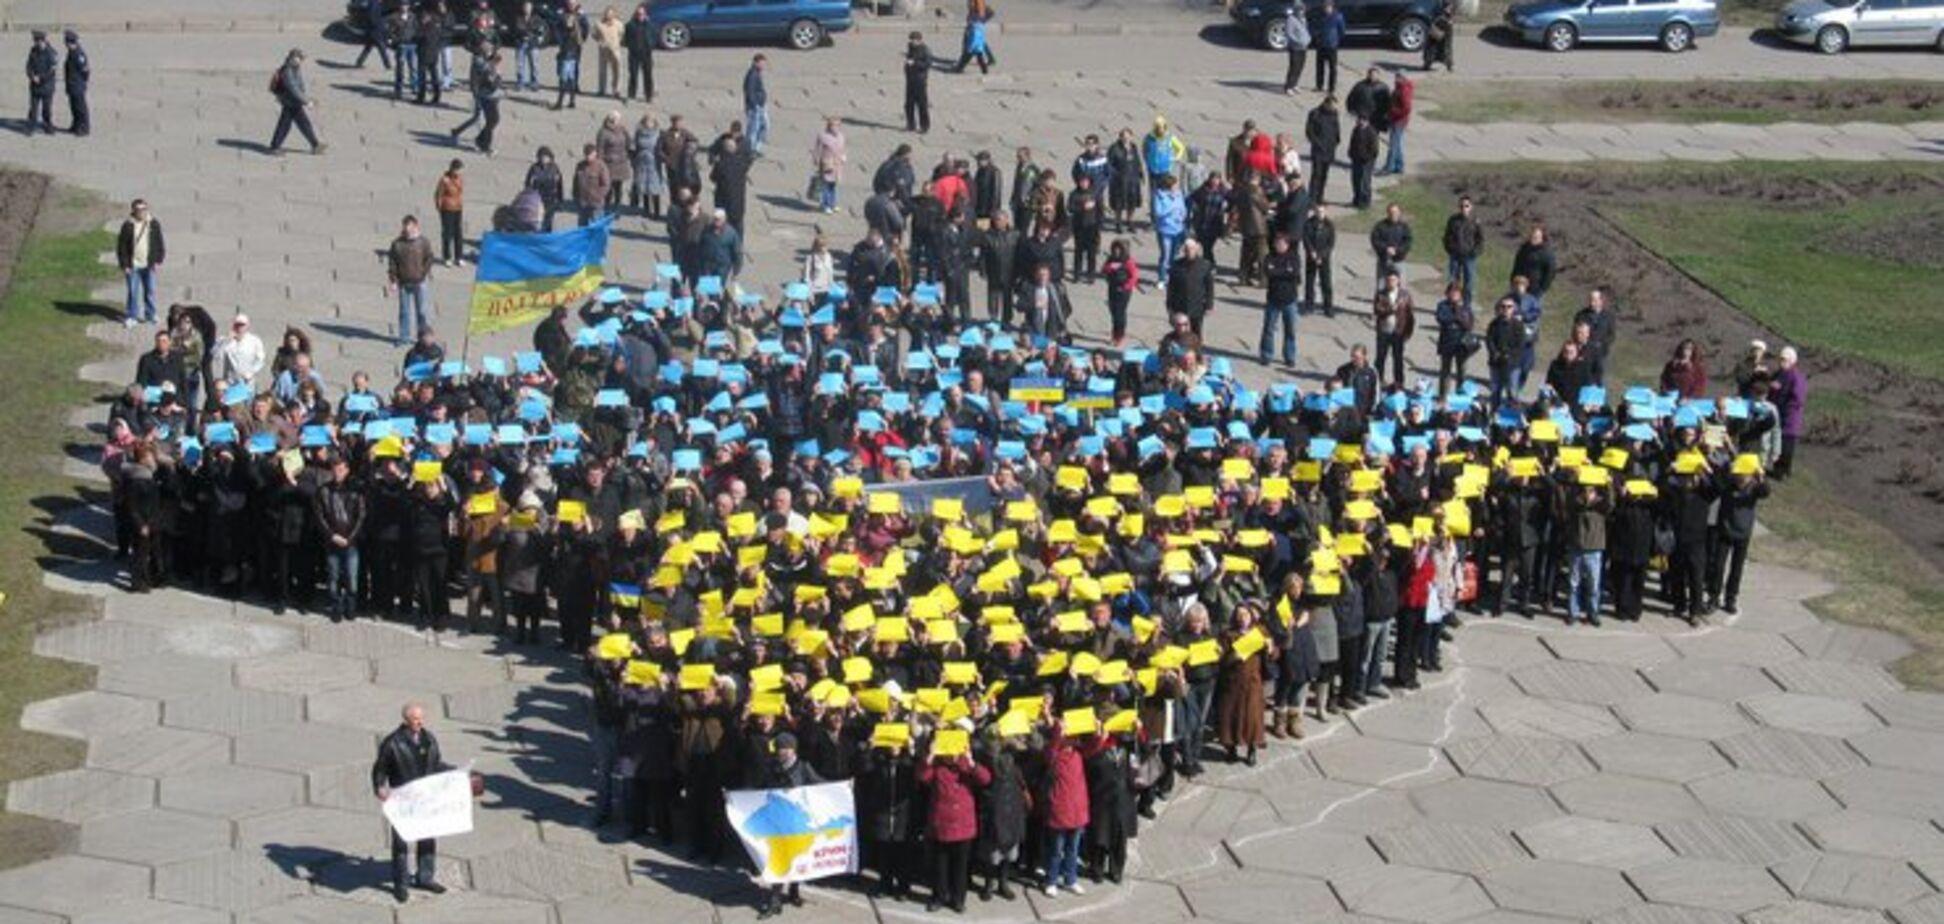 ЦРУ поздравило Россию картой с украинским Крымом: у Лаврова обиделись. Фотофакт